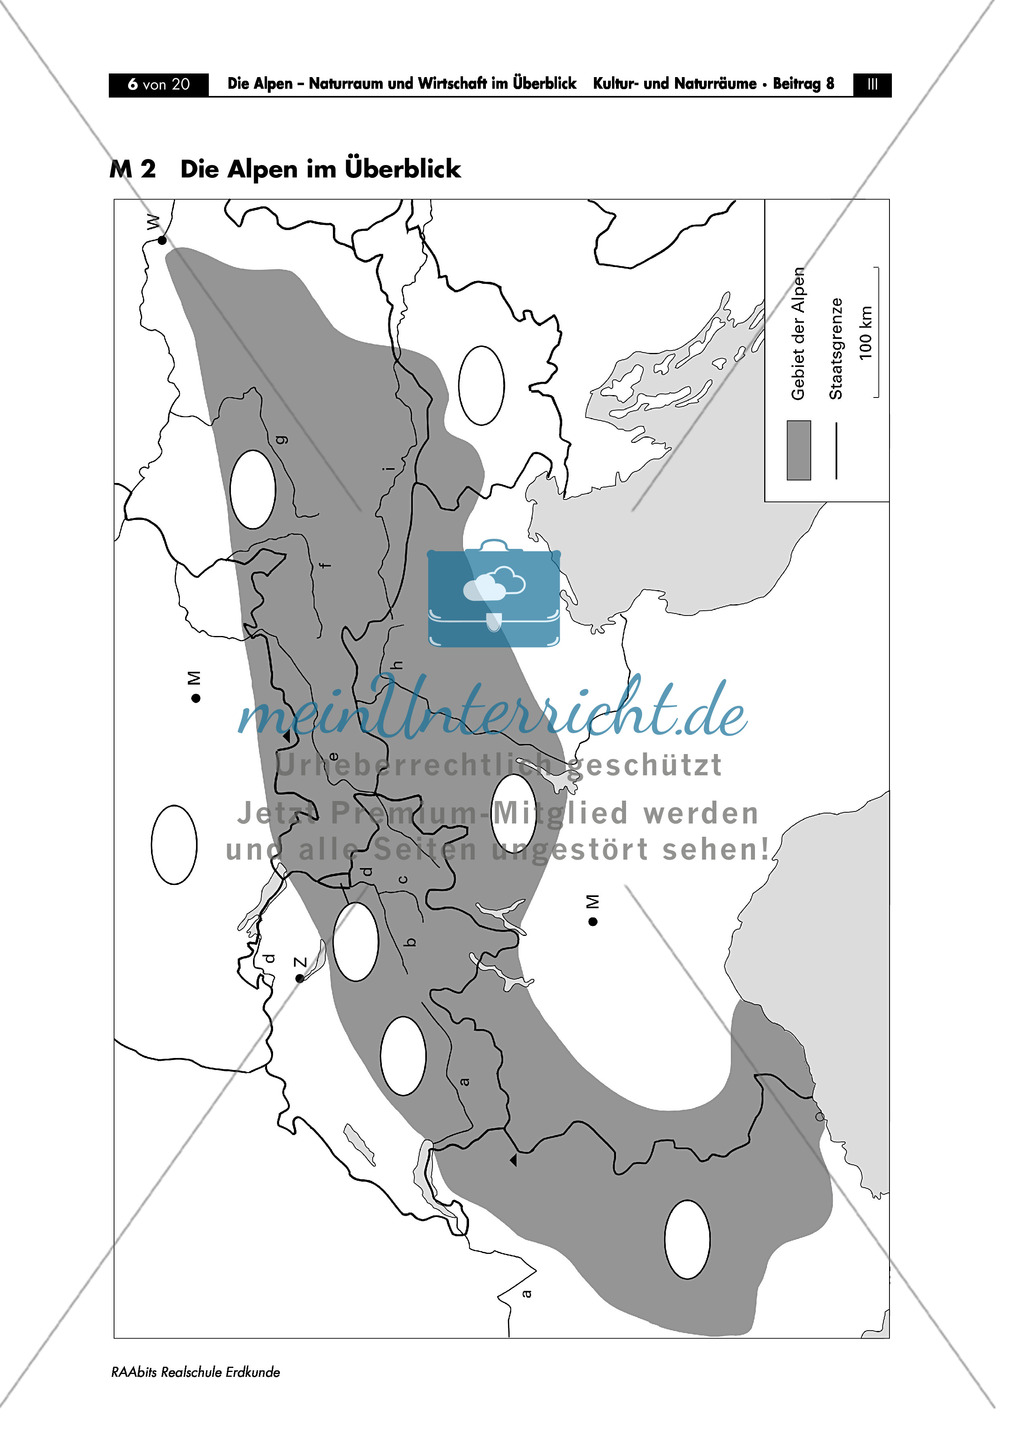 Naturraum + Wirtschaft der Alpen: Topographie + Bedeutung als Verkehrs- und Transitraum Europas Preview 1